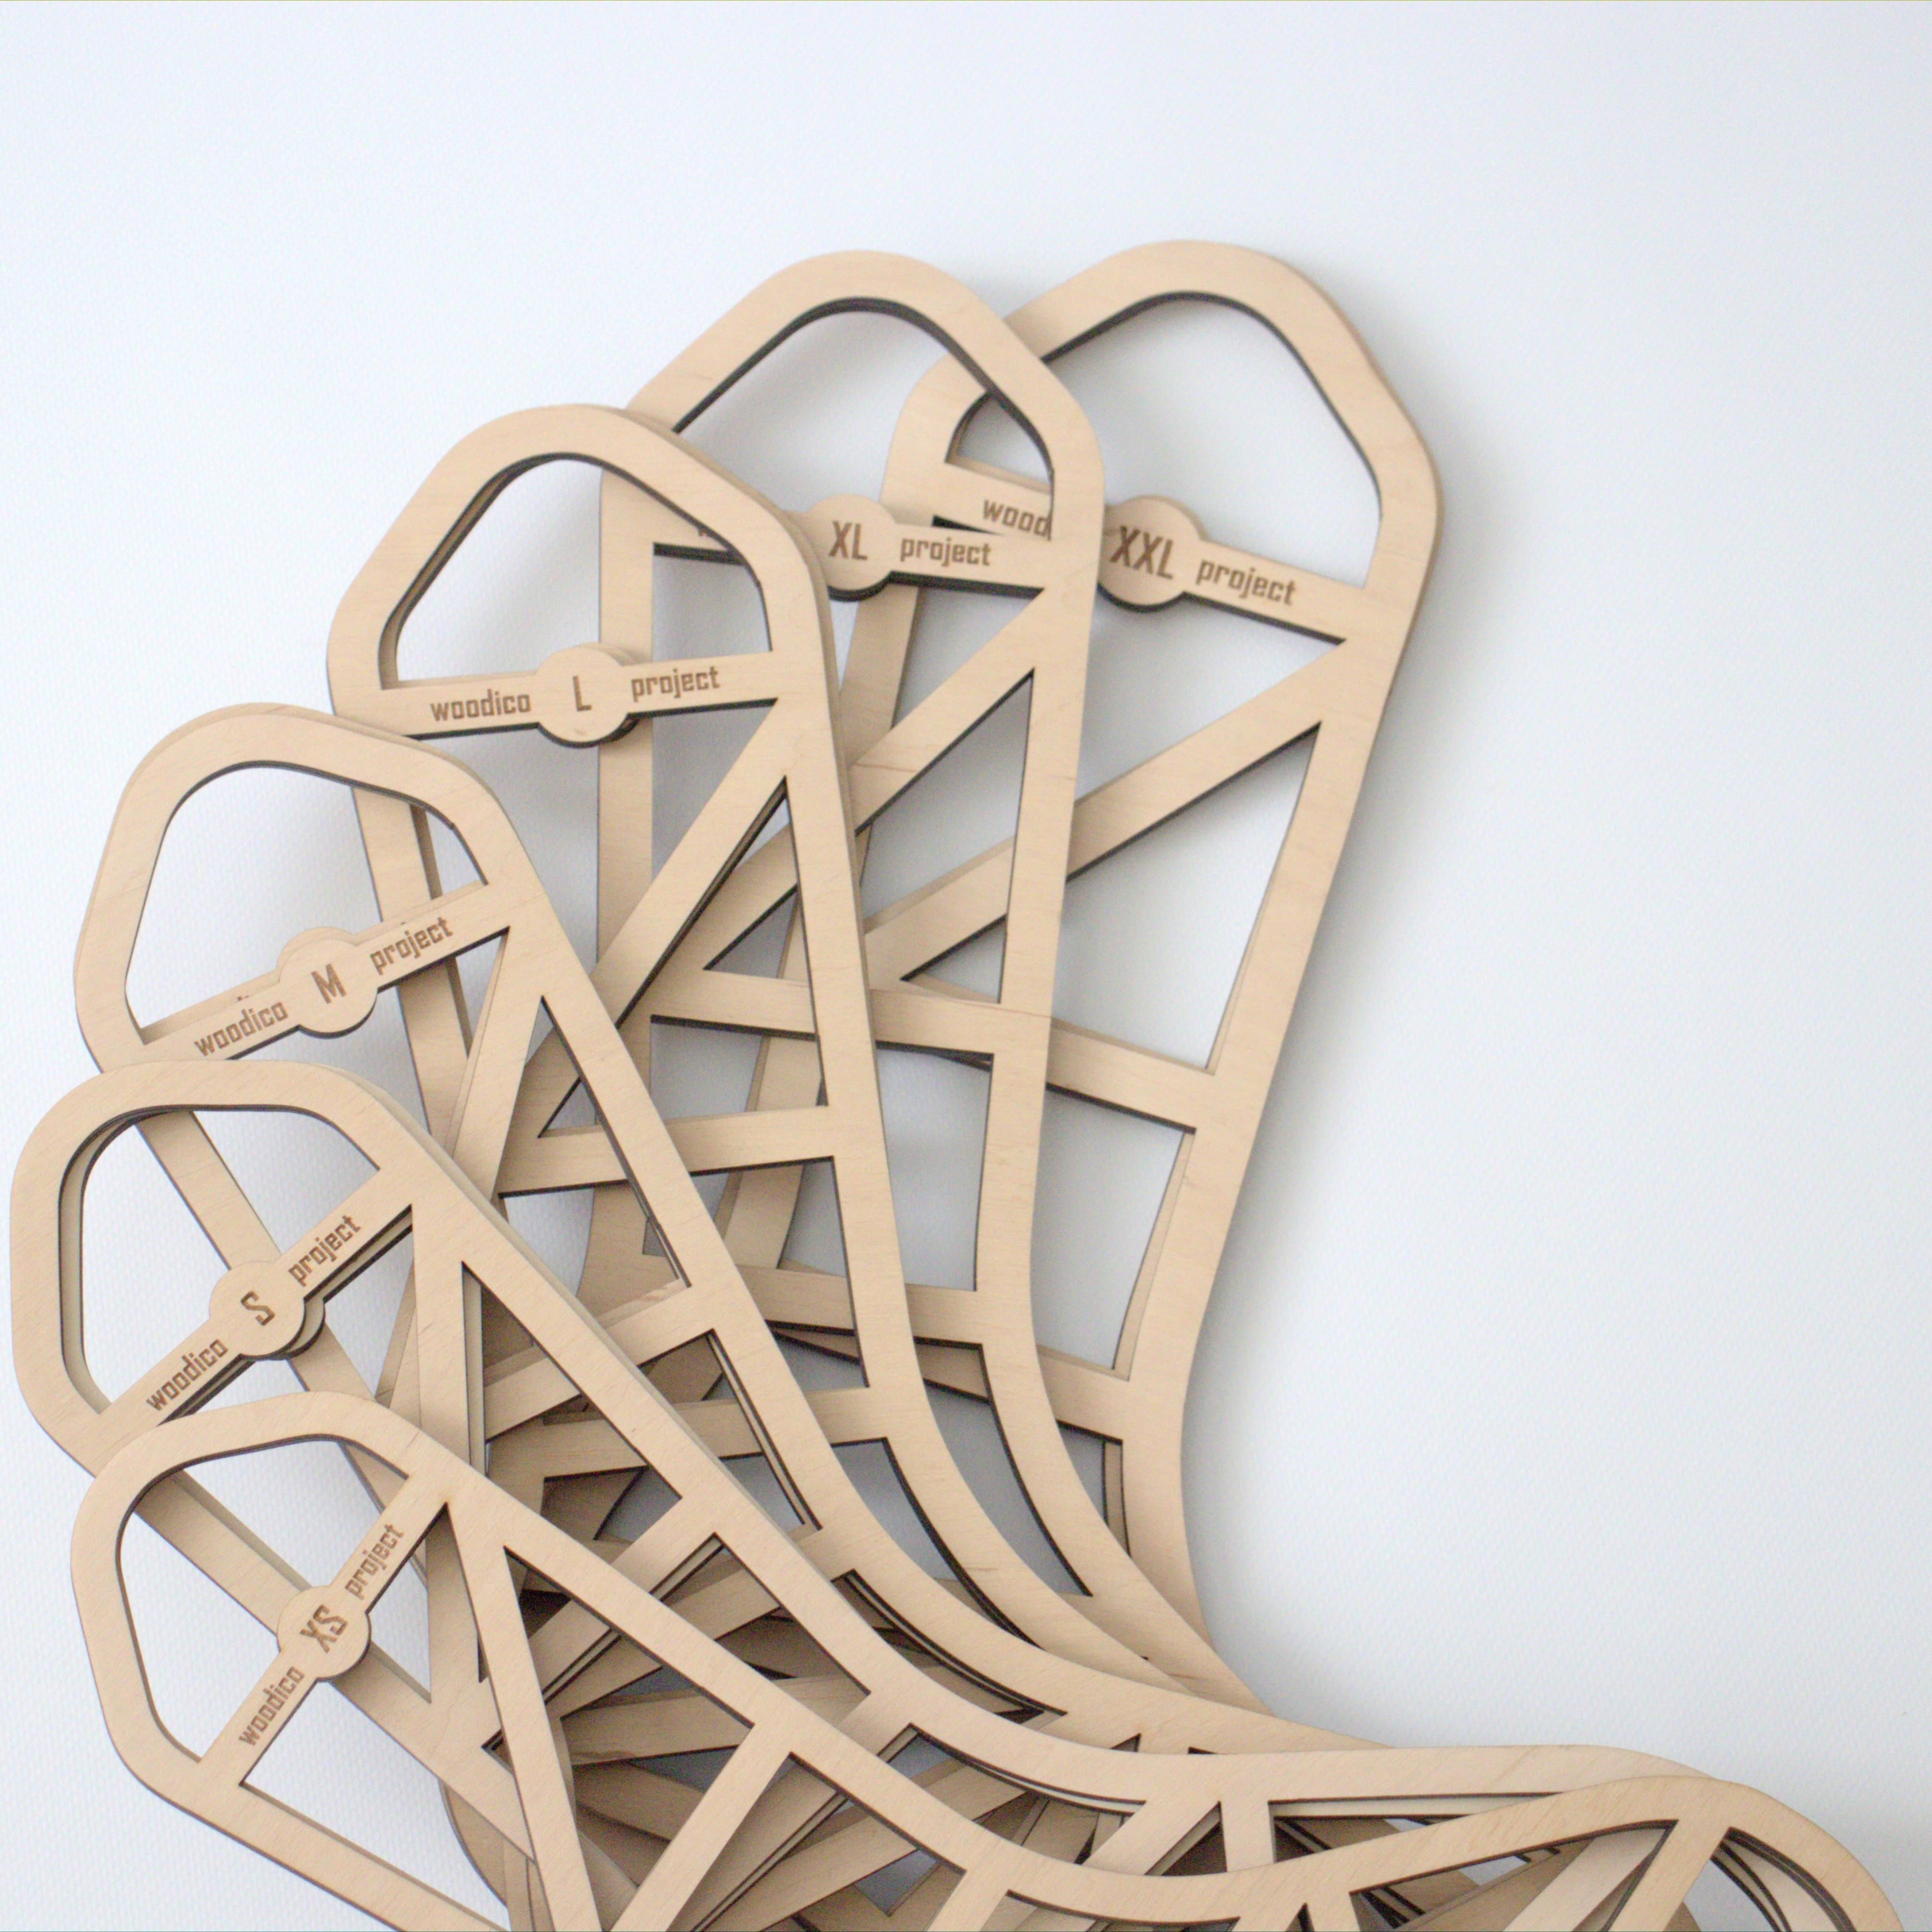 woodico.pro wooden sock blockers zen 5 - New product - Wooden sock blockers / Zen